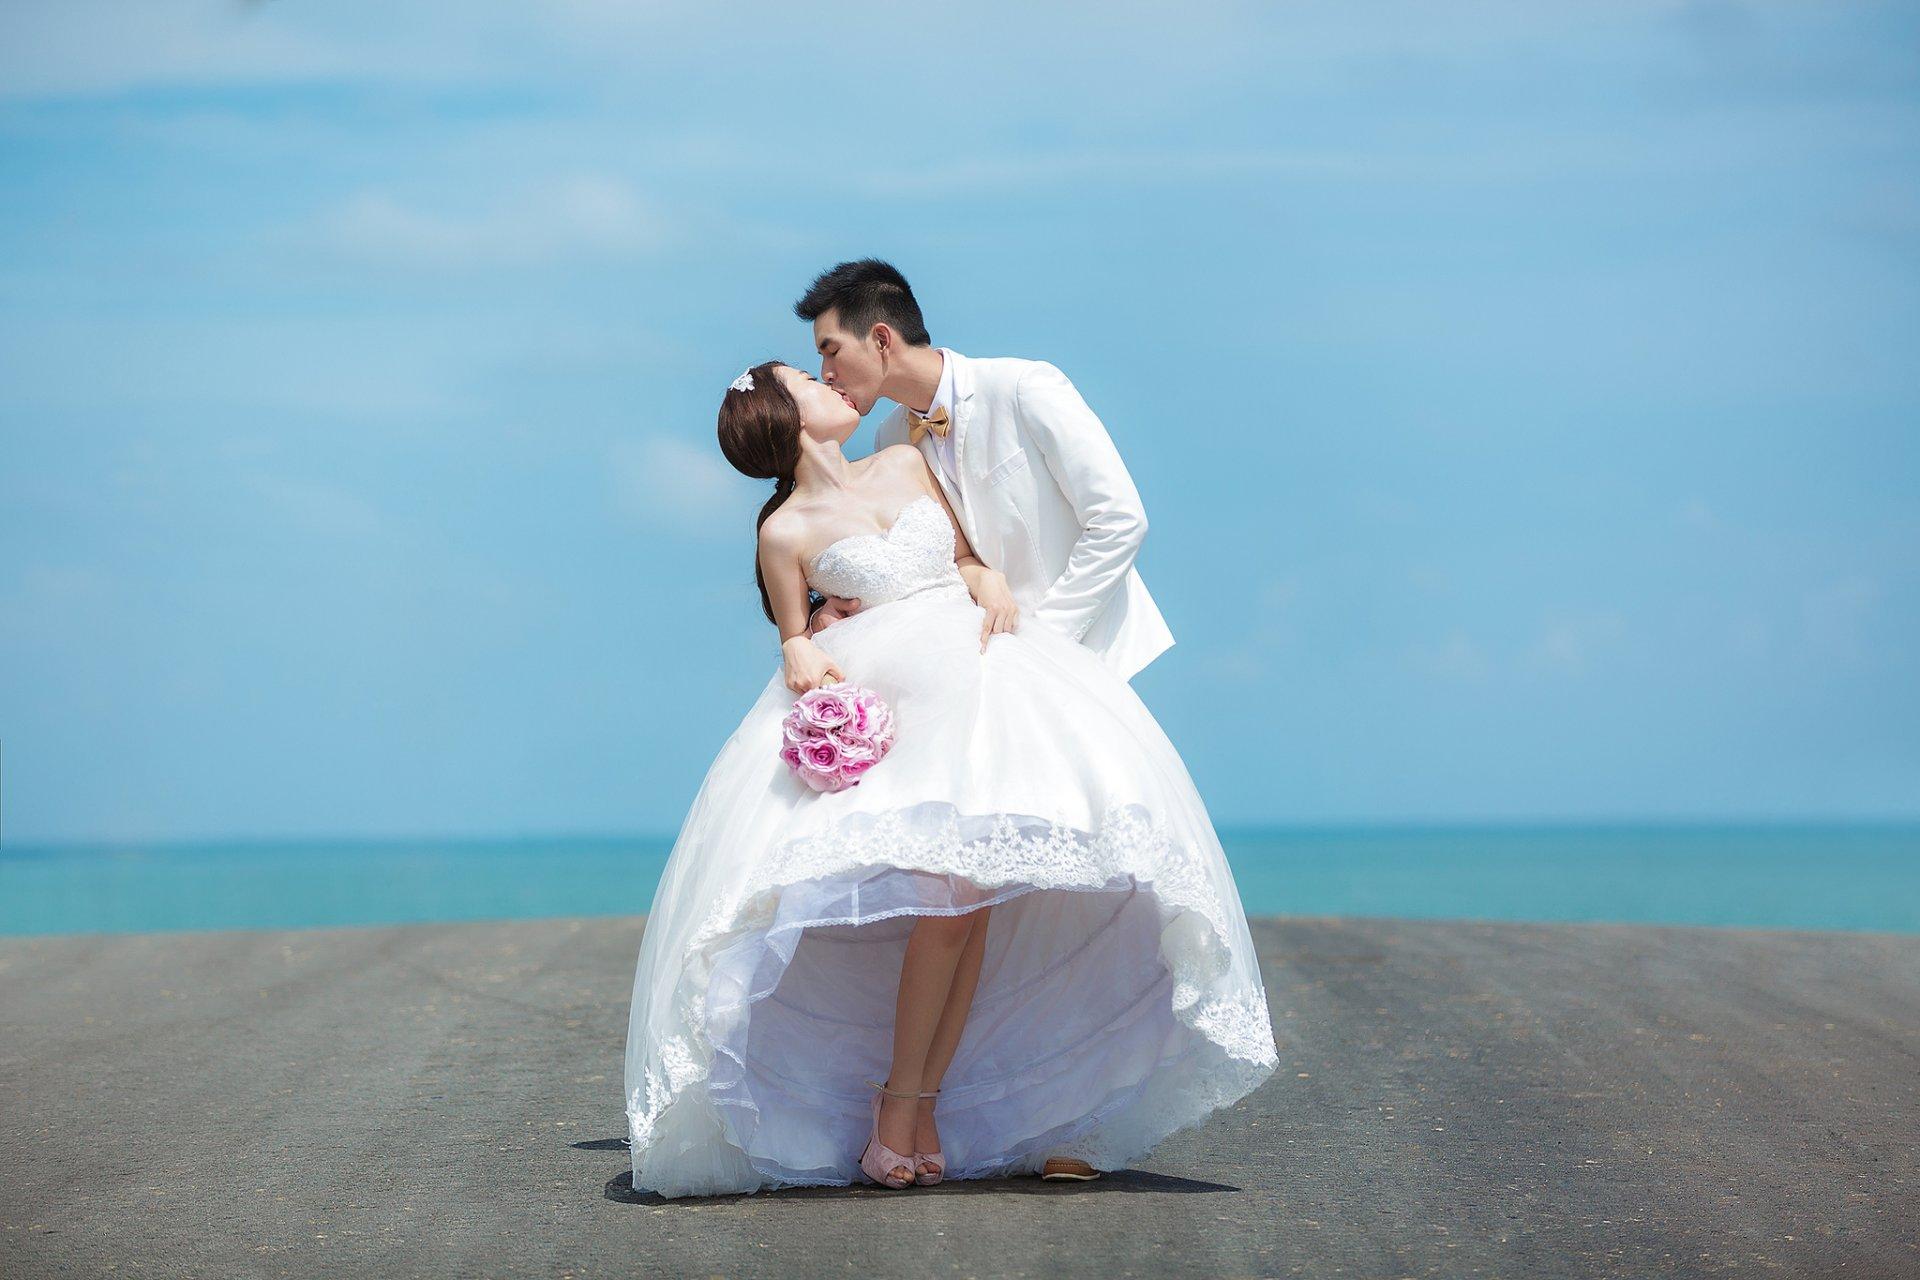 выбирайте фотографии свадебных пар на море она обострена